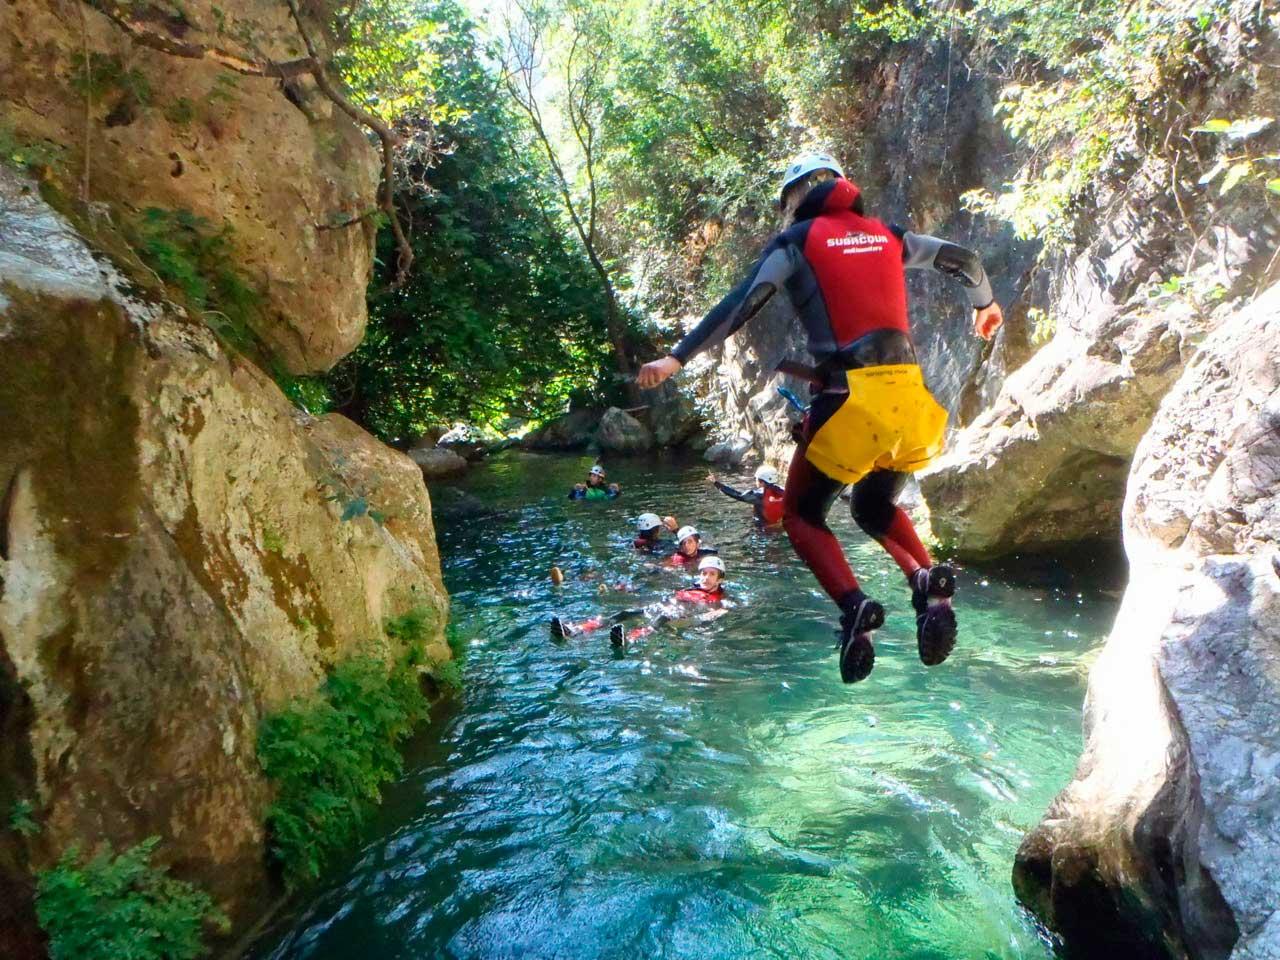 La adrenalina fluye por nuestros ríos